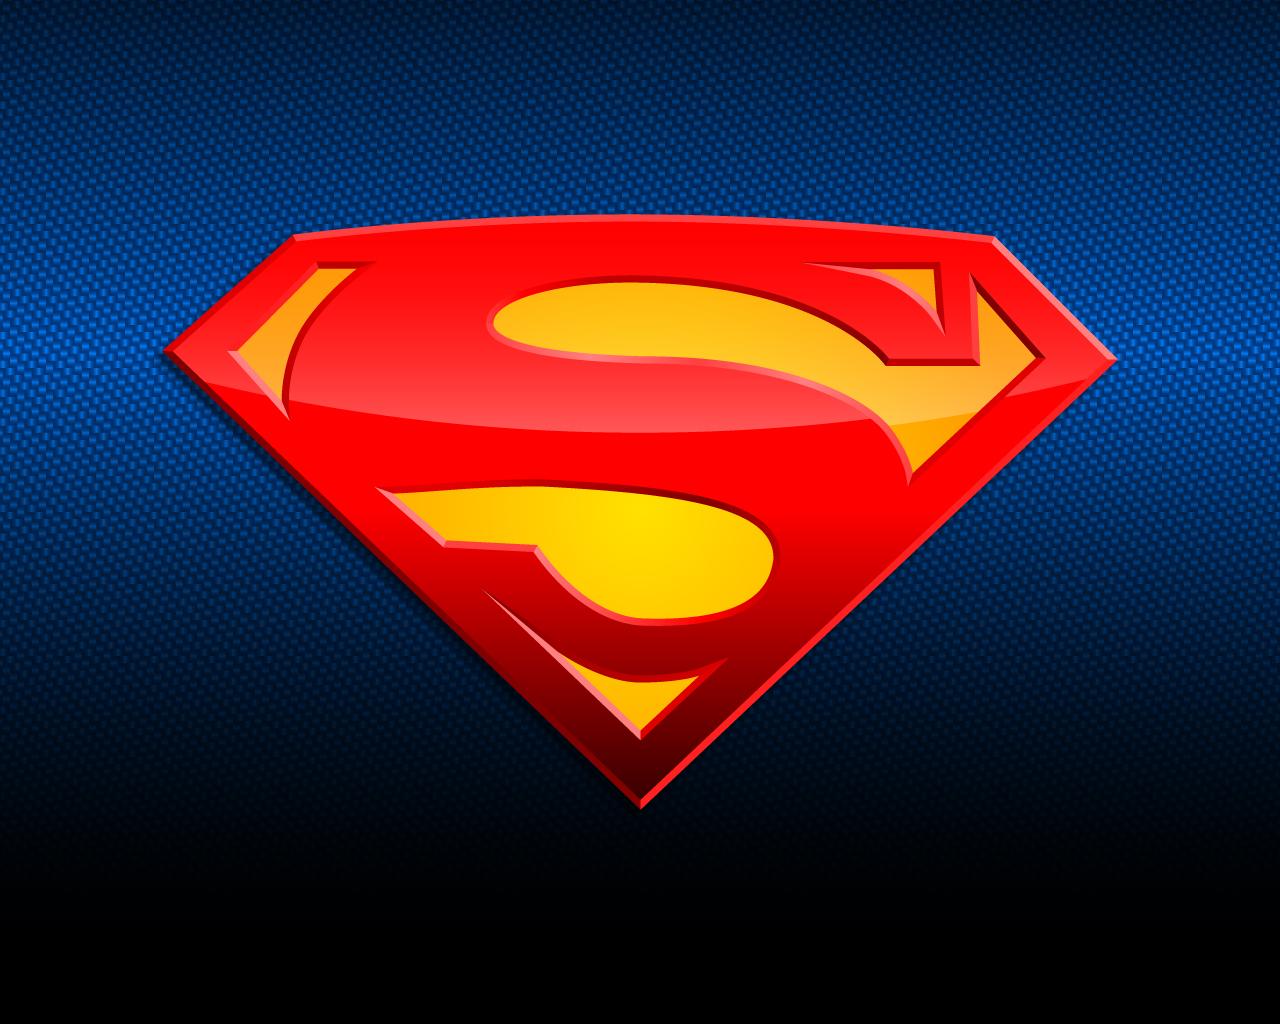 Imágenes de Superheroes: Superman, Wallpapers, Comics, Dc ...